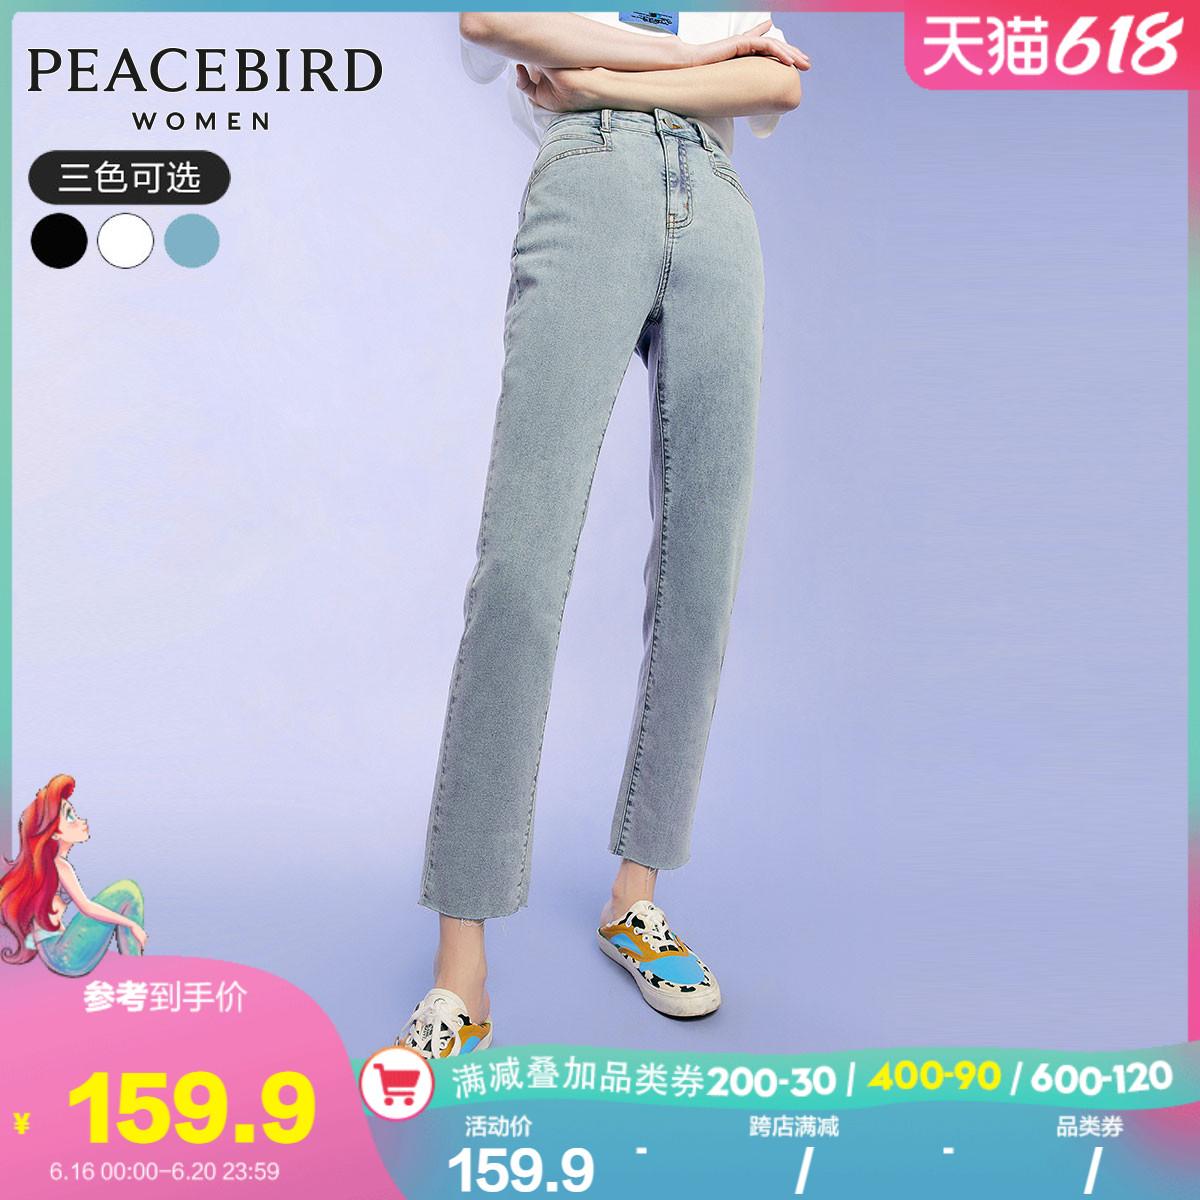 太平鸟高腰牛仔裤女修身2021年夏季新款弹力显瘦九分白色烟管裤女